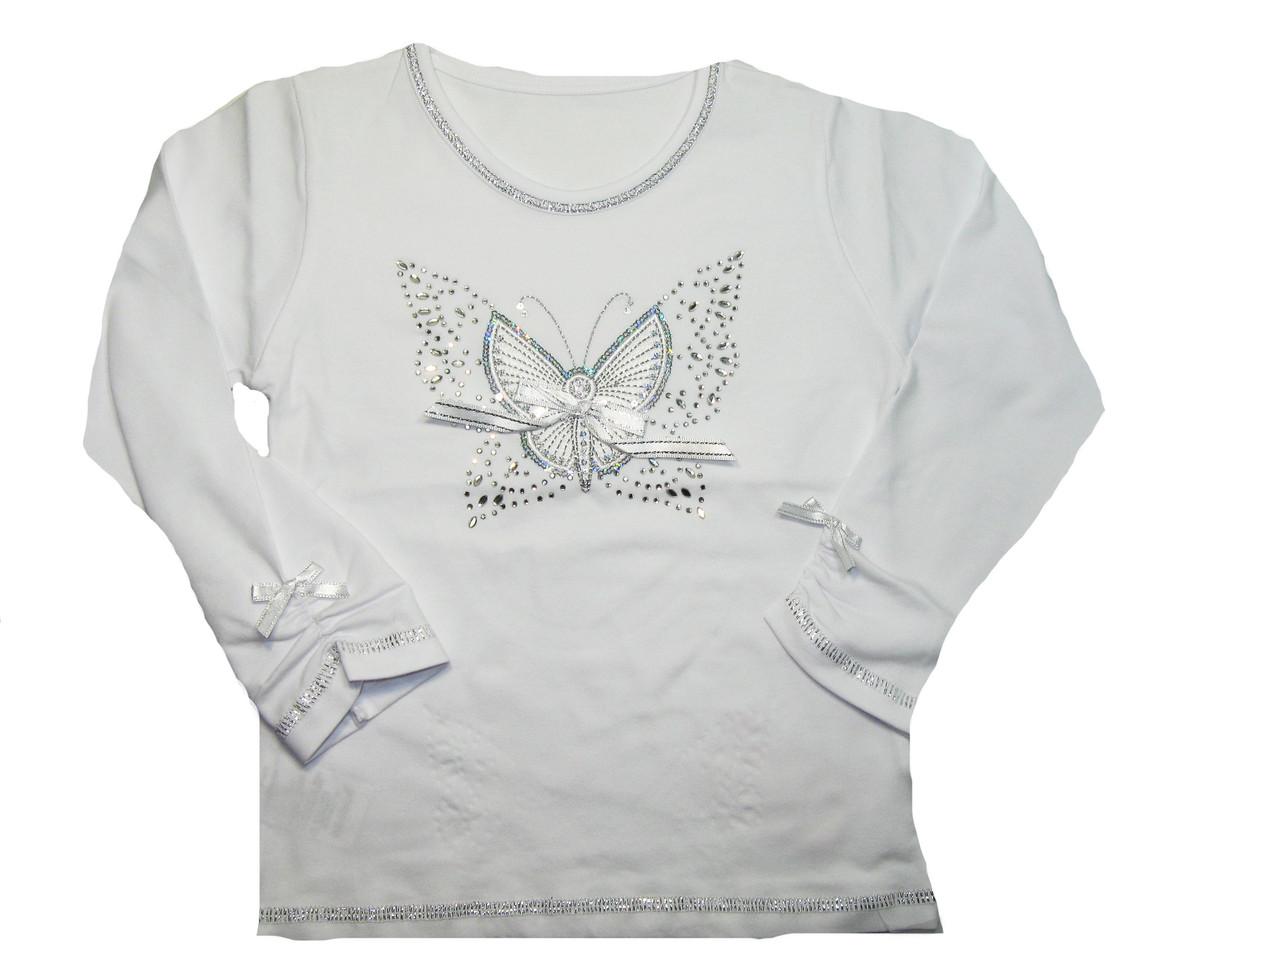 Реглан белый для девочек оптом, размеры 104,110,116,122, арт. 5566